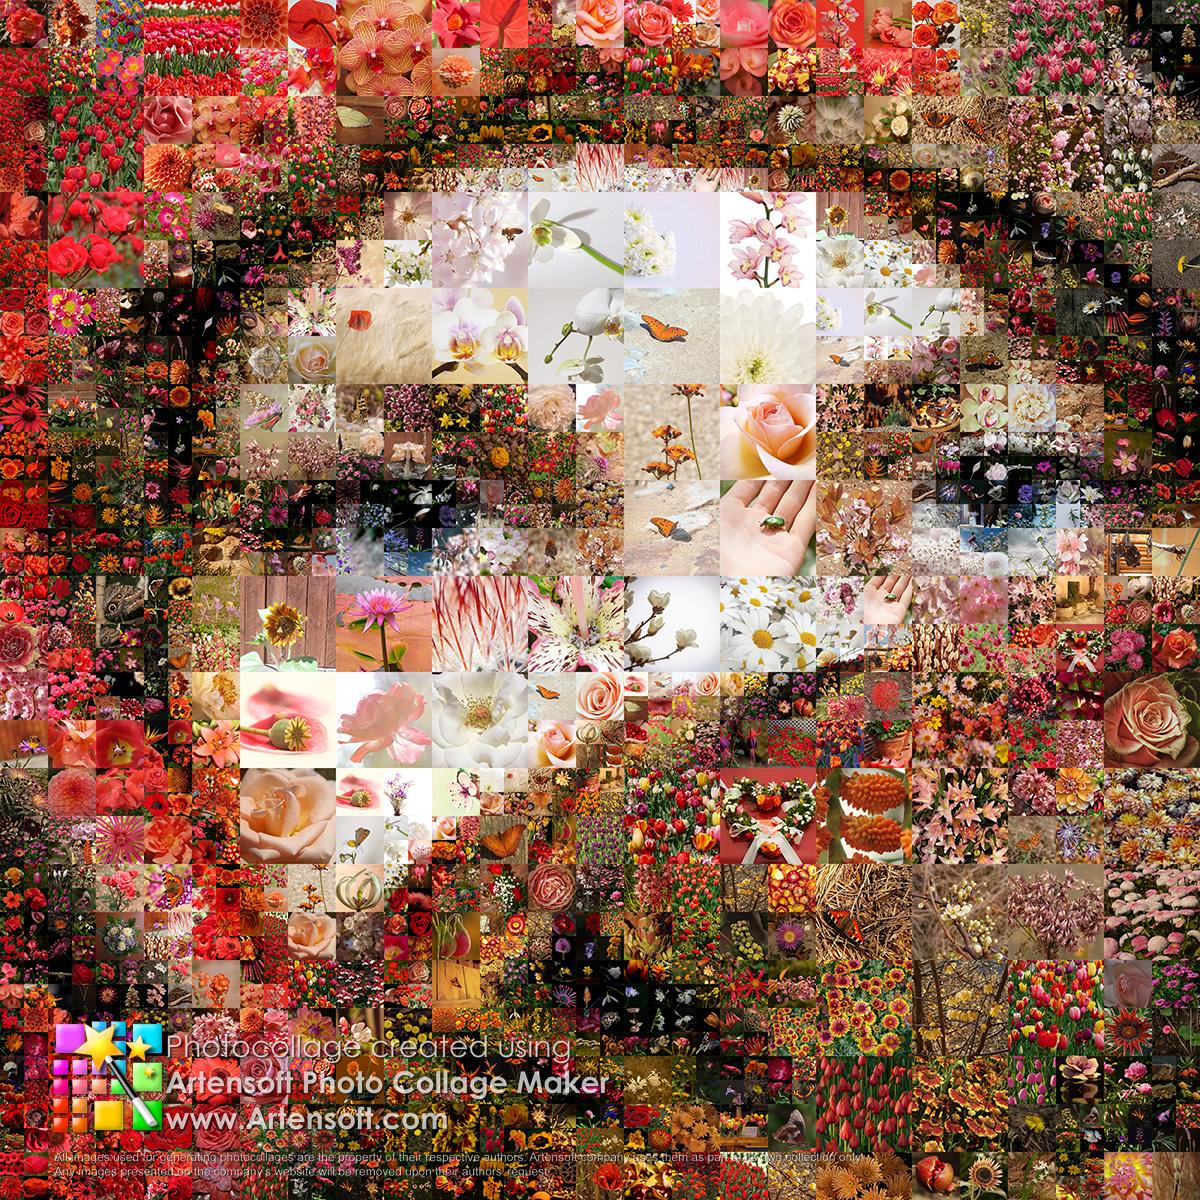 Artensoft Photo Collage Maker Welches Master Bild Eignet Sich Am Besten Fur Eine Gute Collage